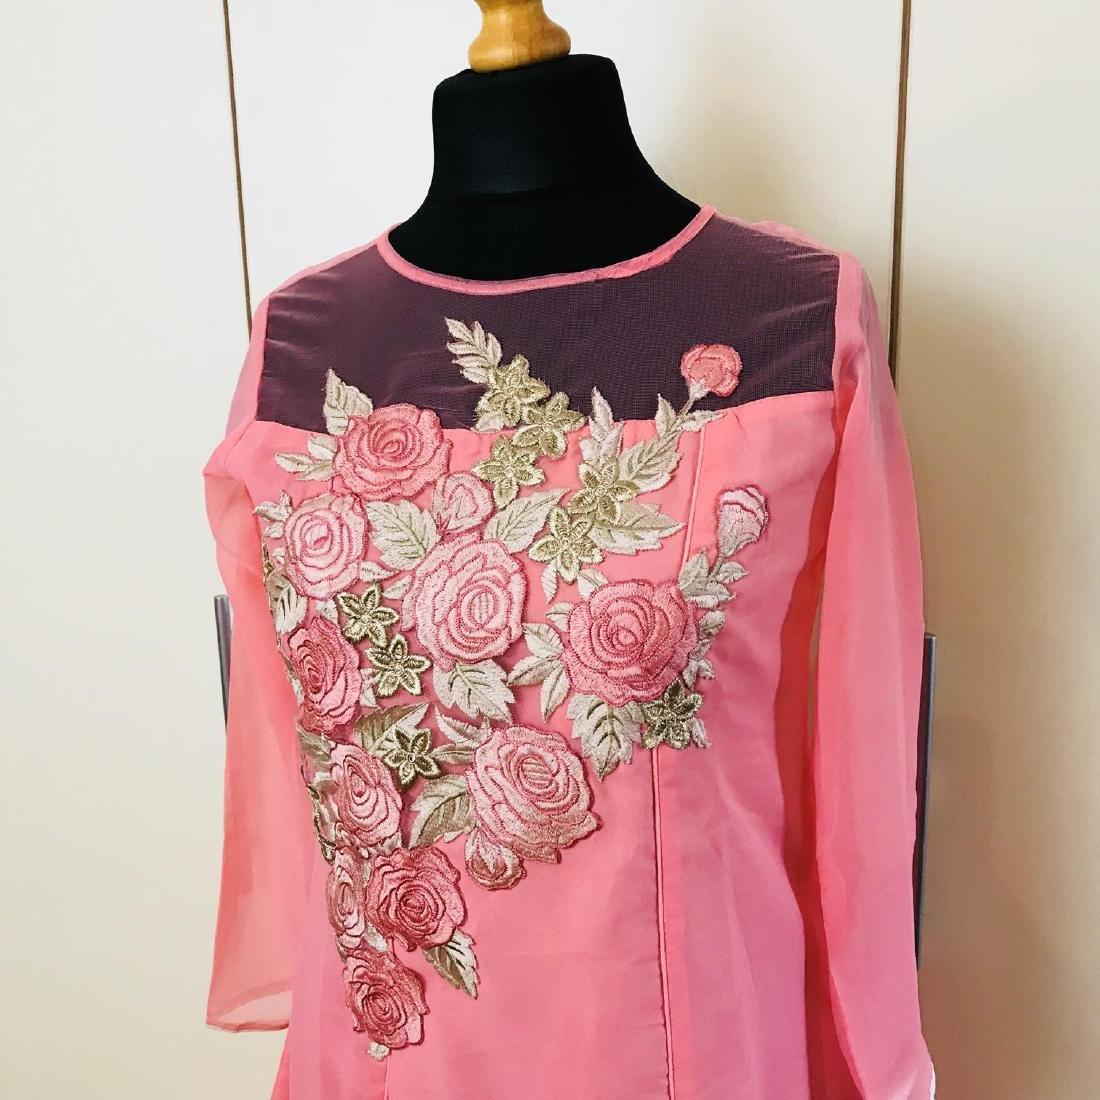 Vintage Women's Pink Party Dress Size US 6 EUR 36 / - 2